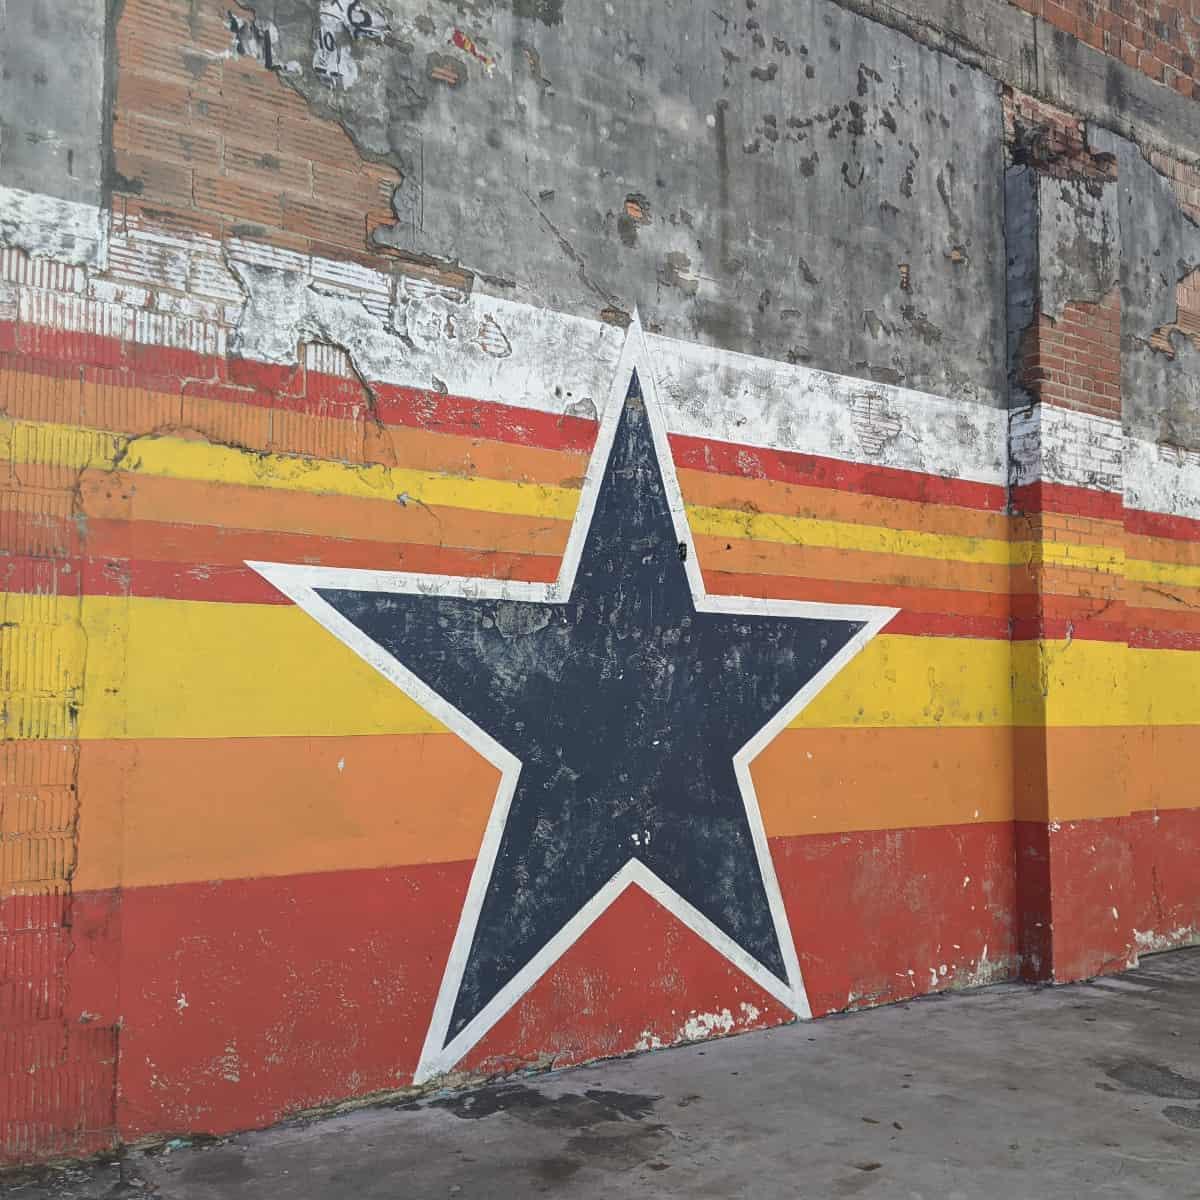 Houston Astros Star Mural